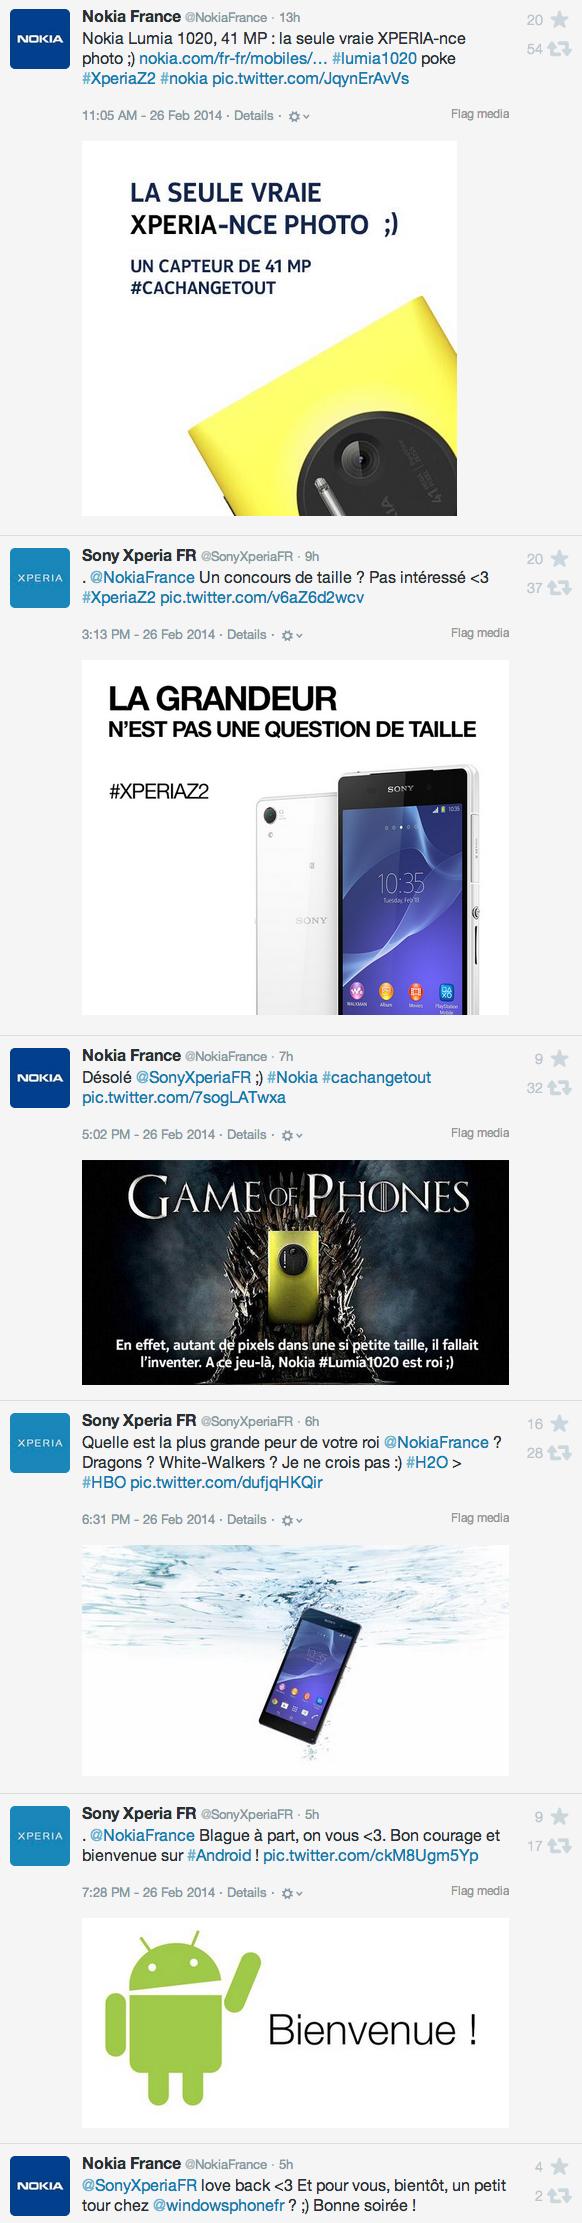 Nokia / Sony